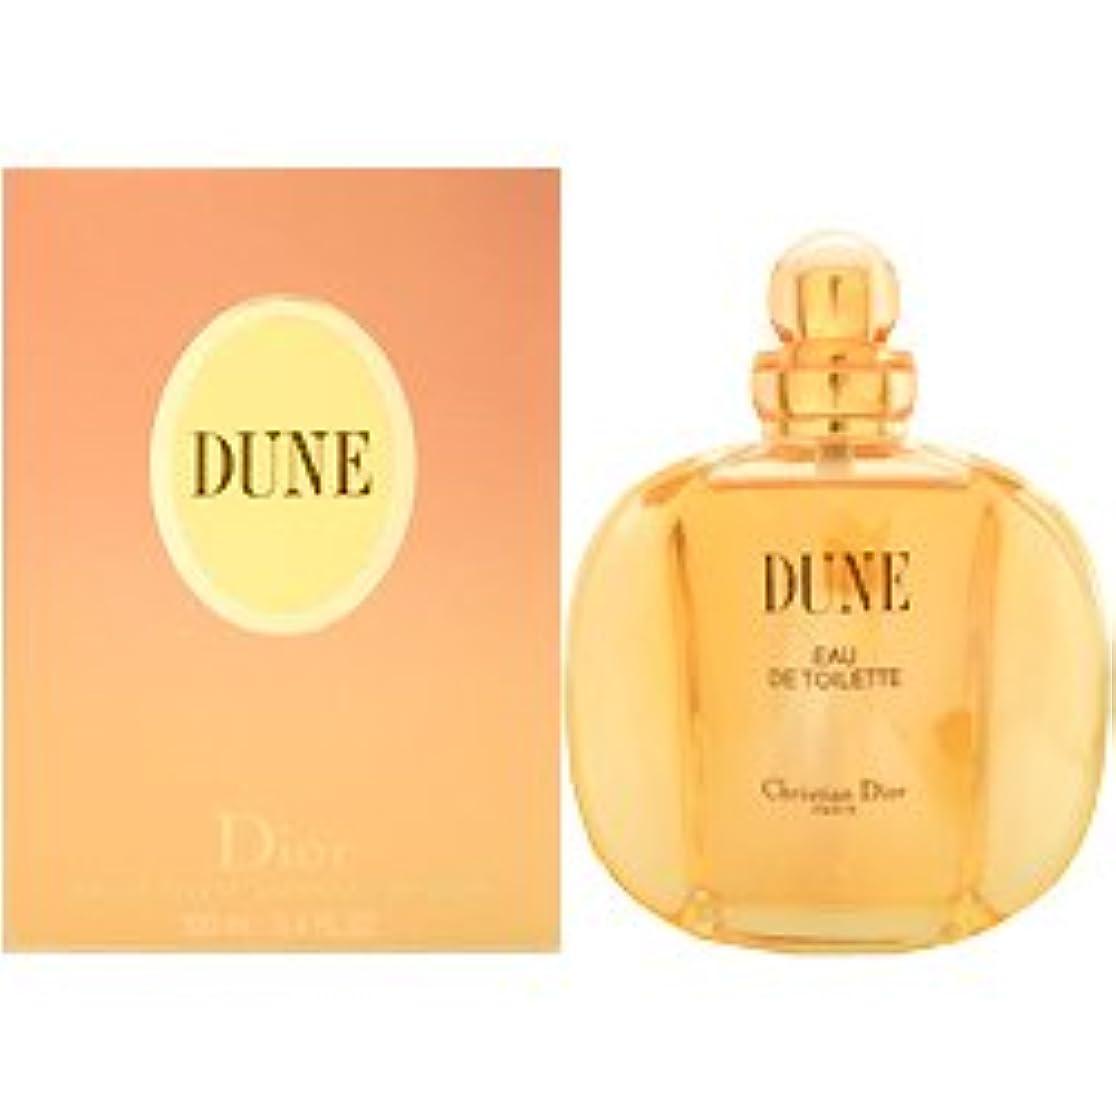 休暇ロック解除怒っているクリスチャンディオール デューン Christian Dior EDT SP 100ml